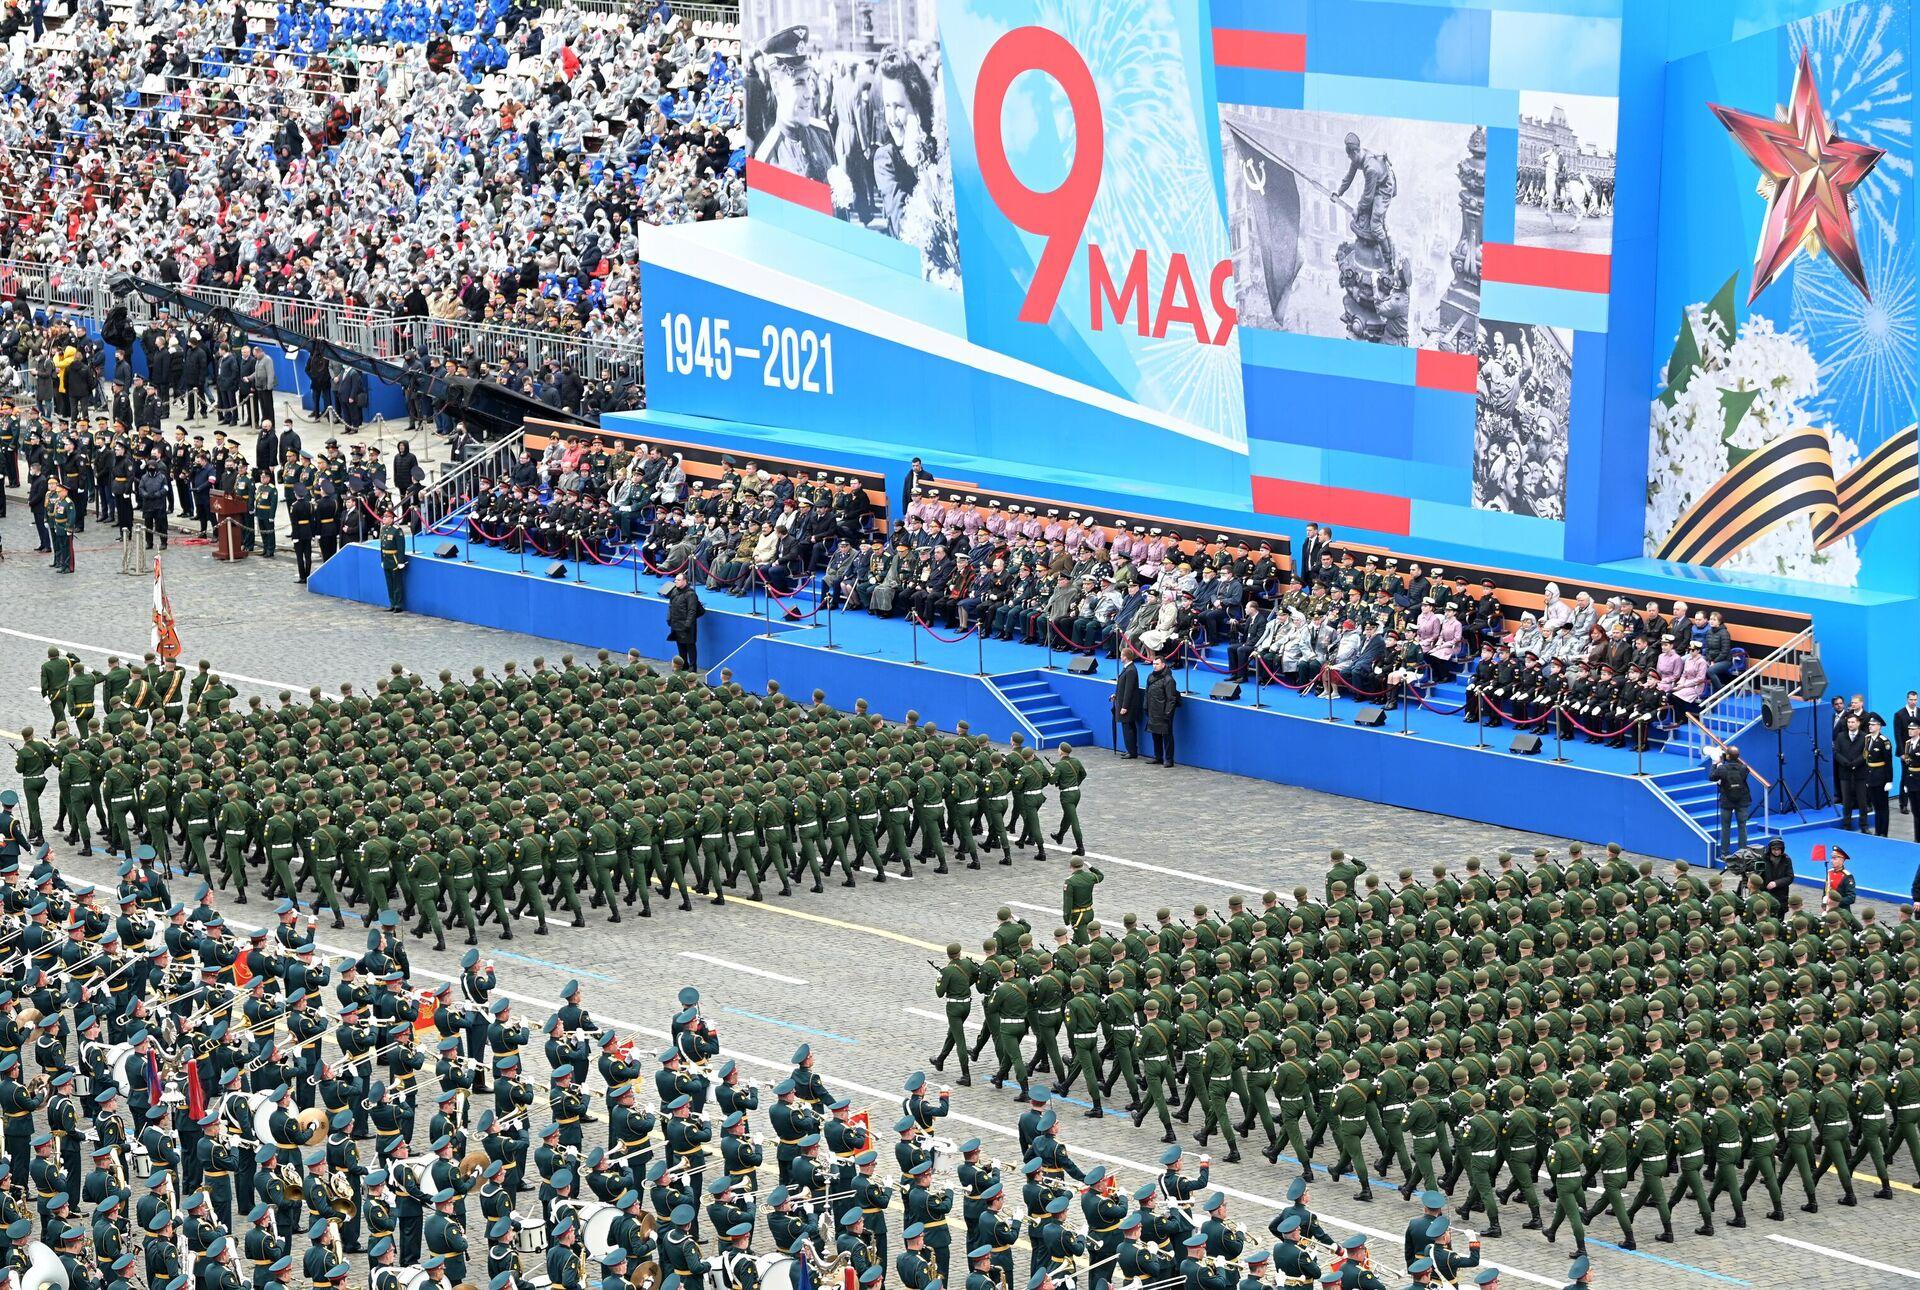 Военный парад в честь 76-й годовщины Победы - РИА Новости, 1920, 09.05.2021